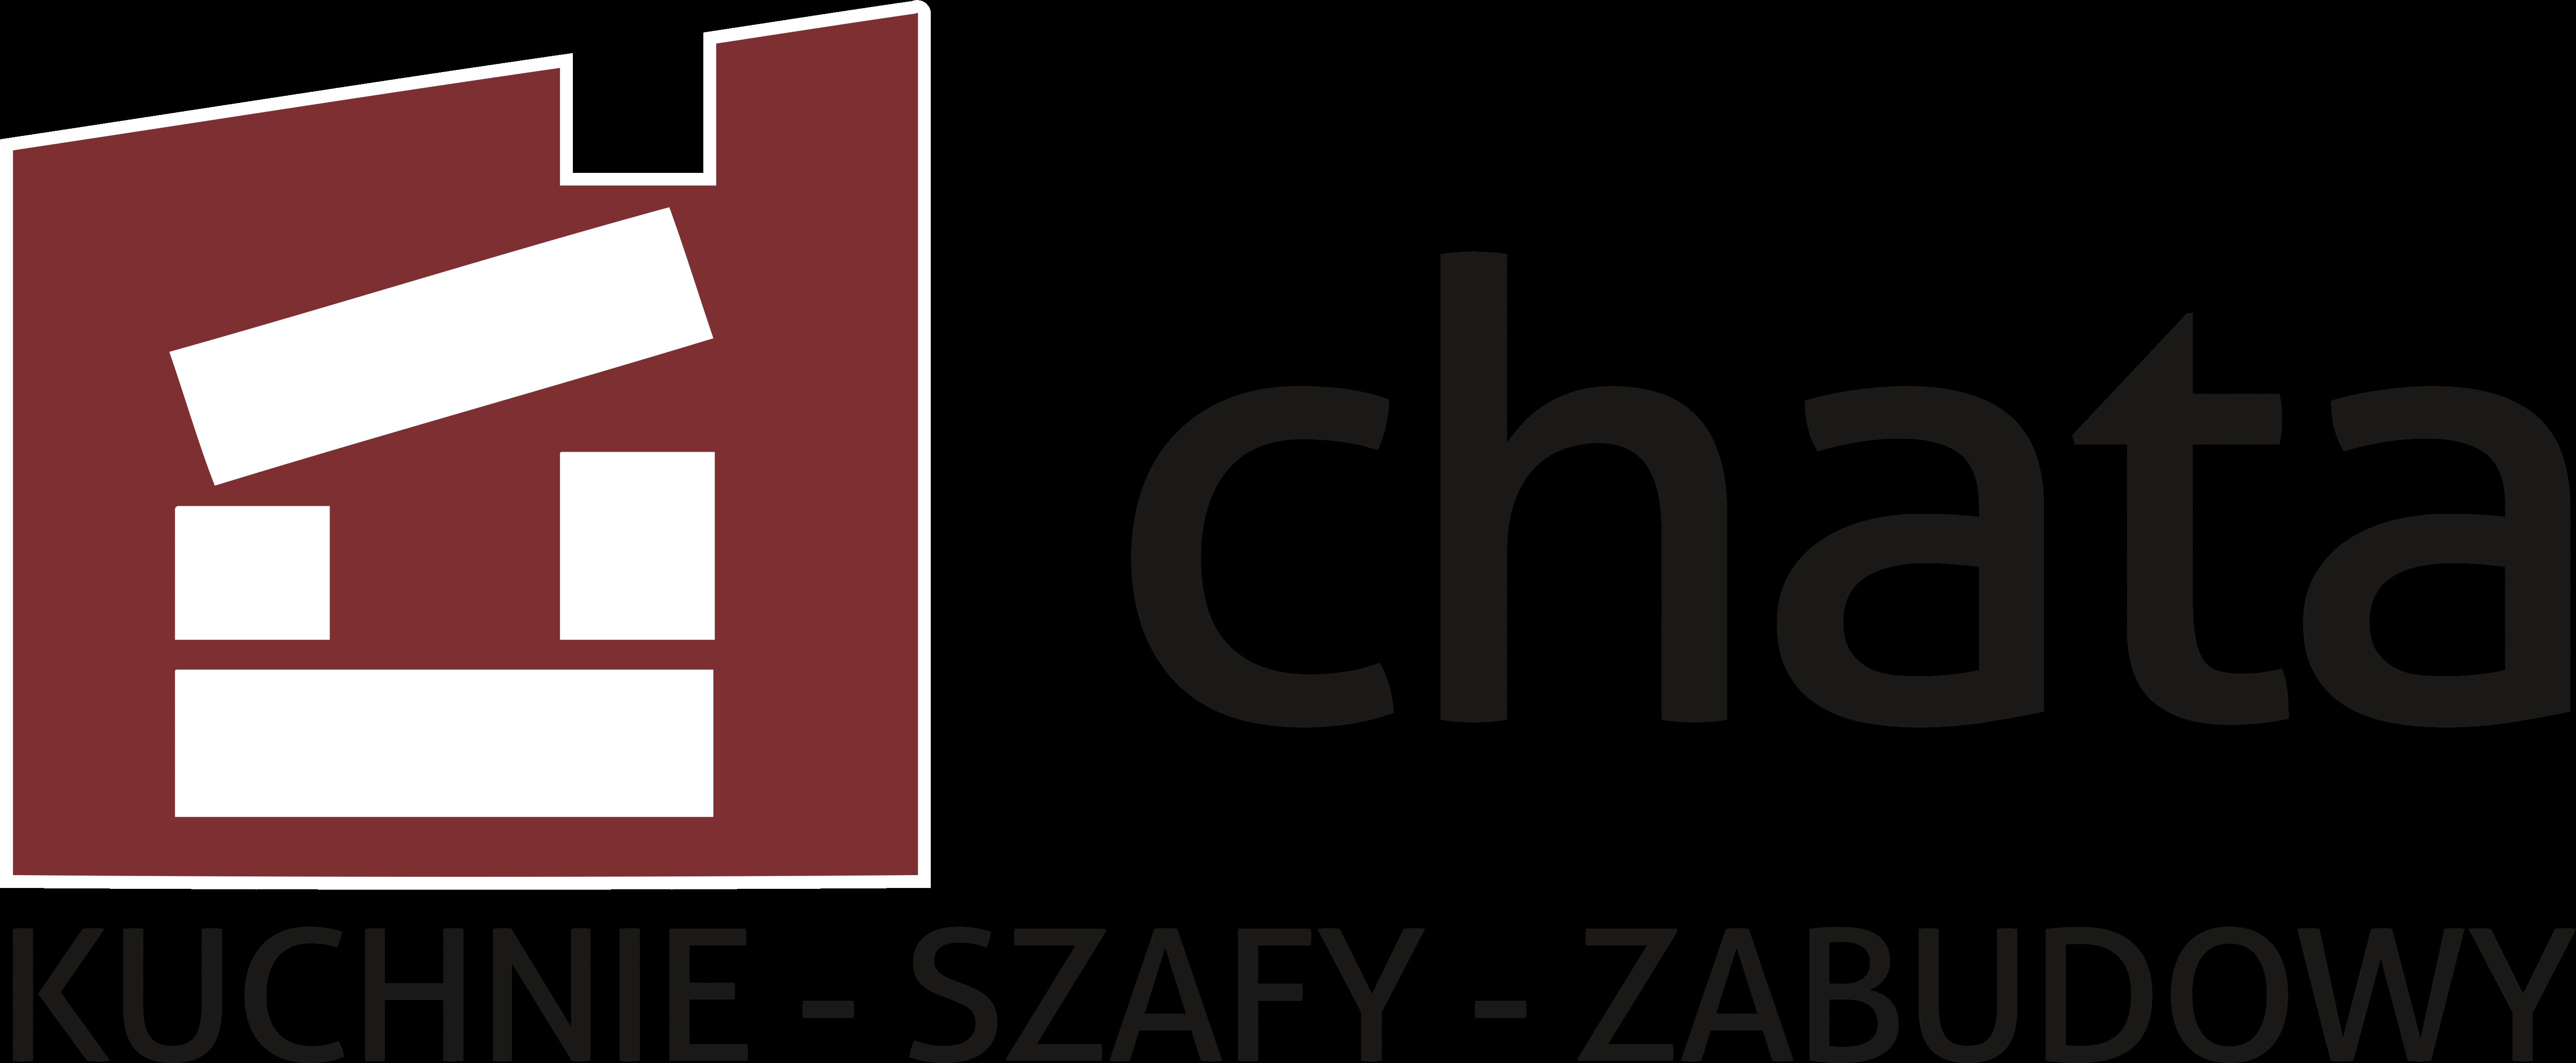 Kuchnie Szczecin